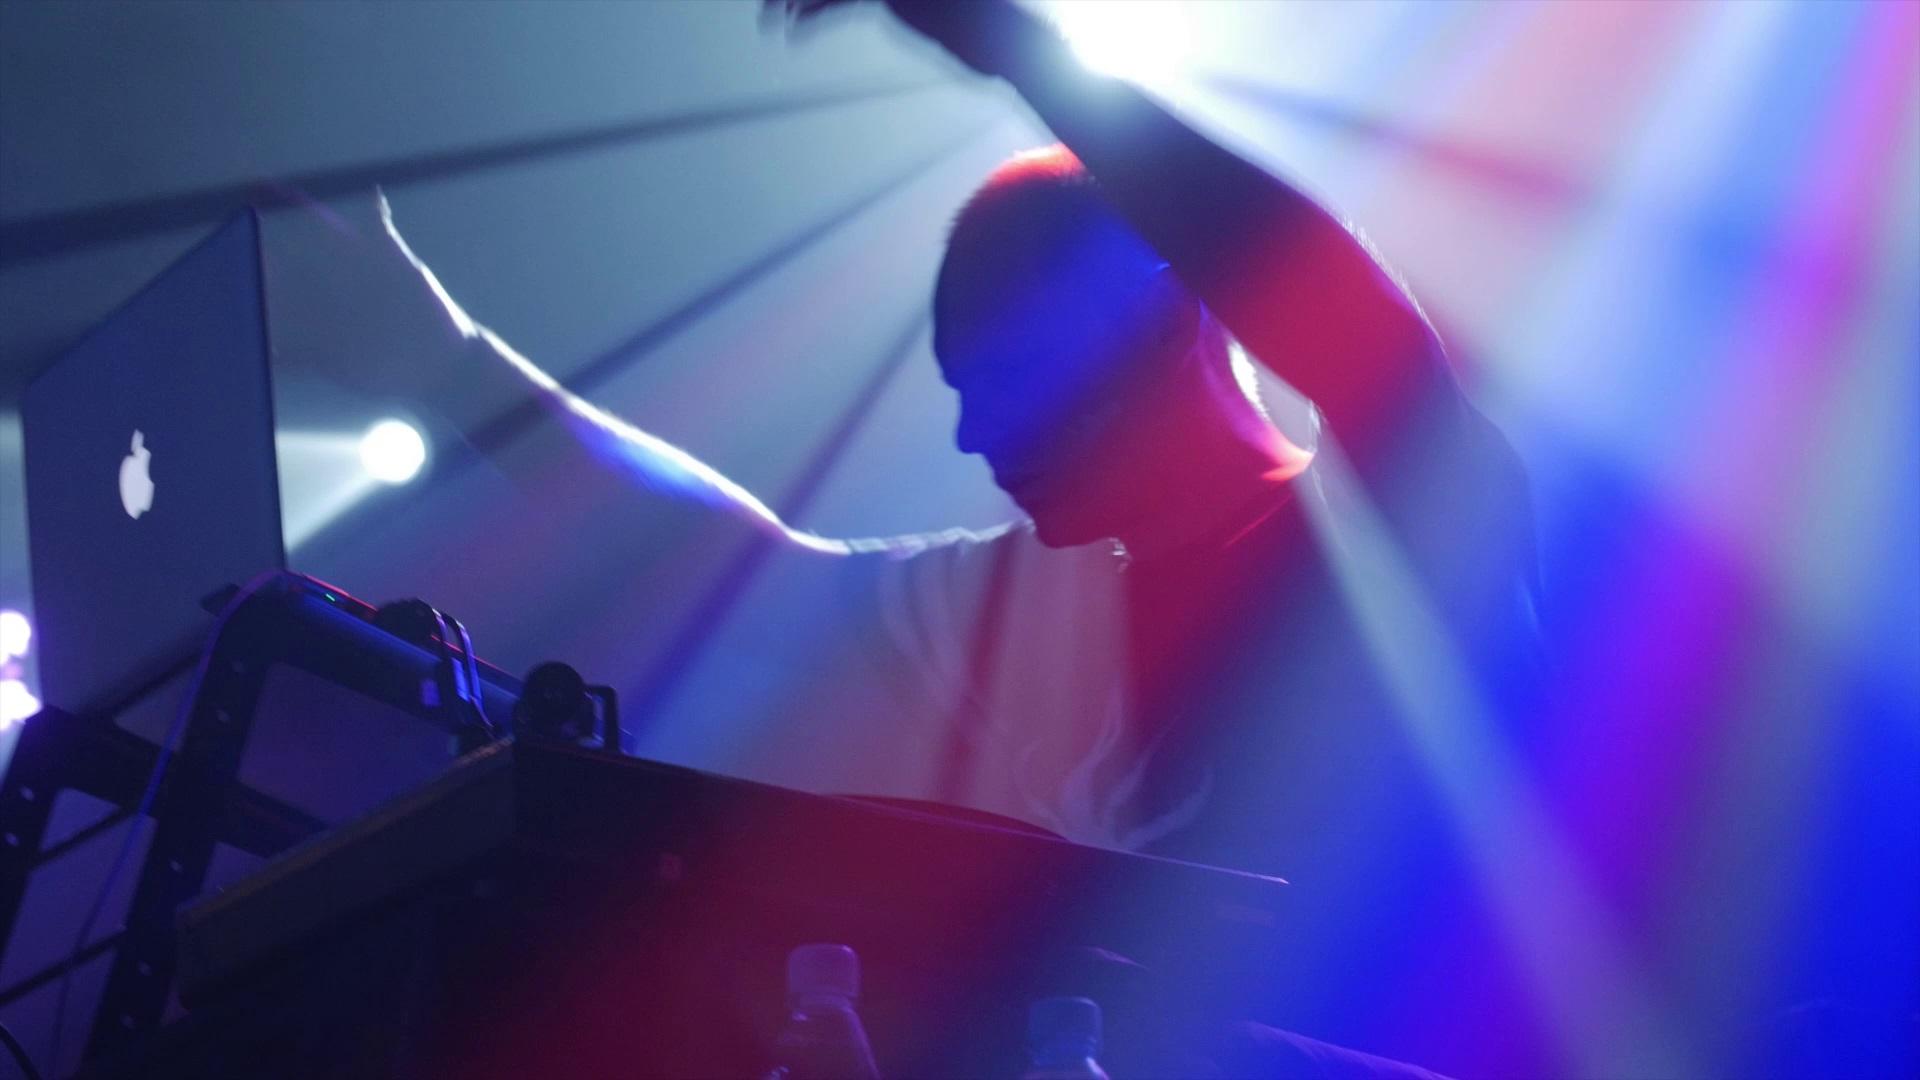 Za konsolą podczas koncertu w CK Wiatrak stanął producent płyty CYRK NA QŁQ - DiNO